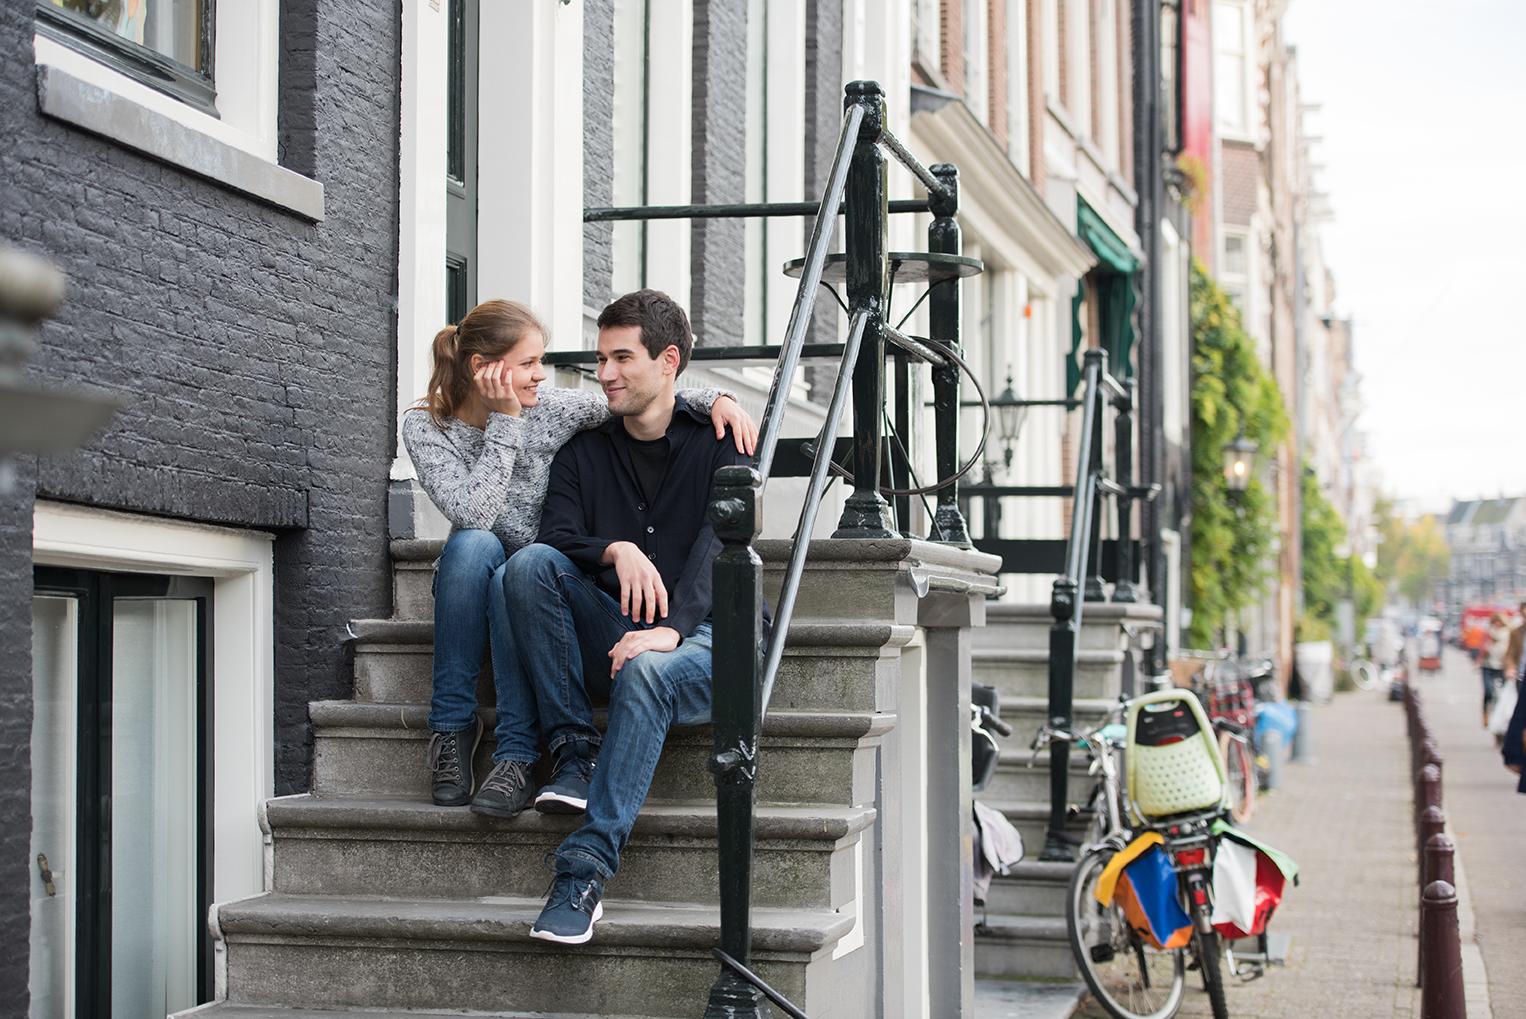 6 mogelijkheden om uw kind te helpen aan een huis 1 for Ouders helpen met hypotheek